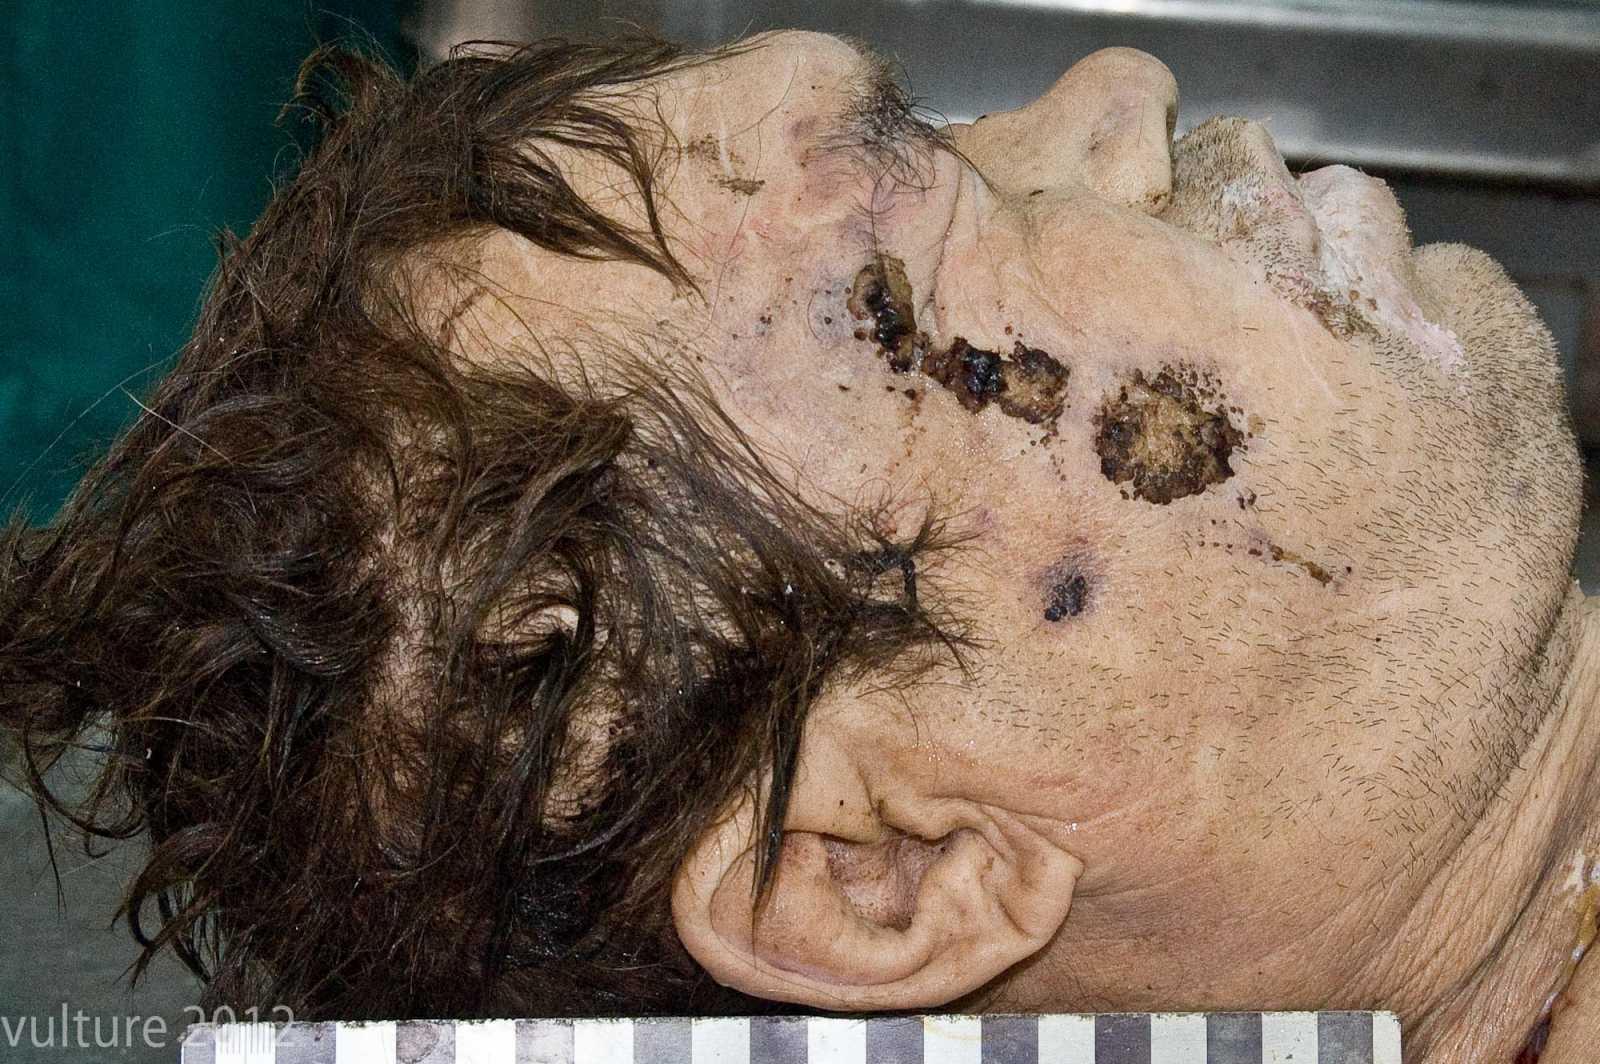 Повреждения на лице трупа